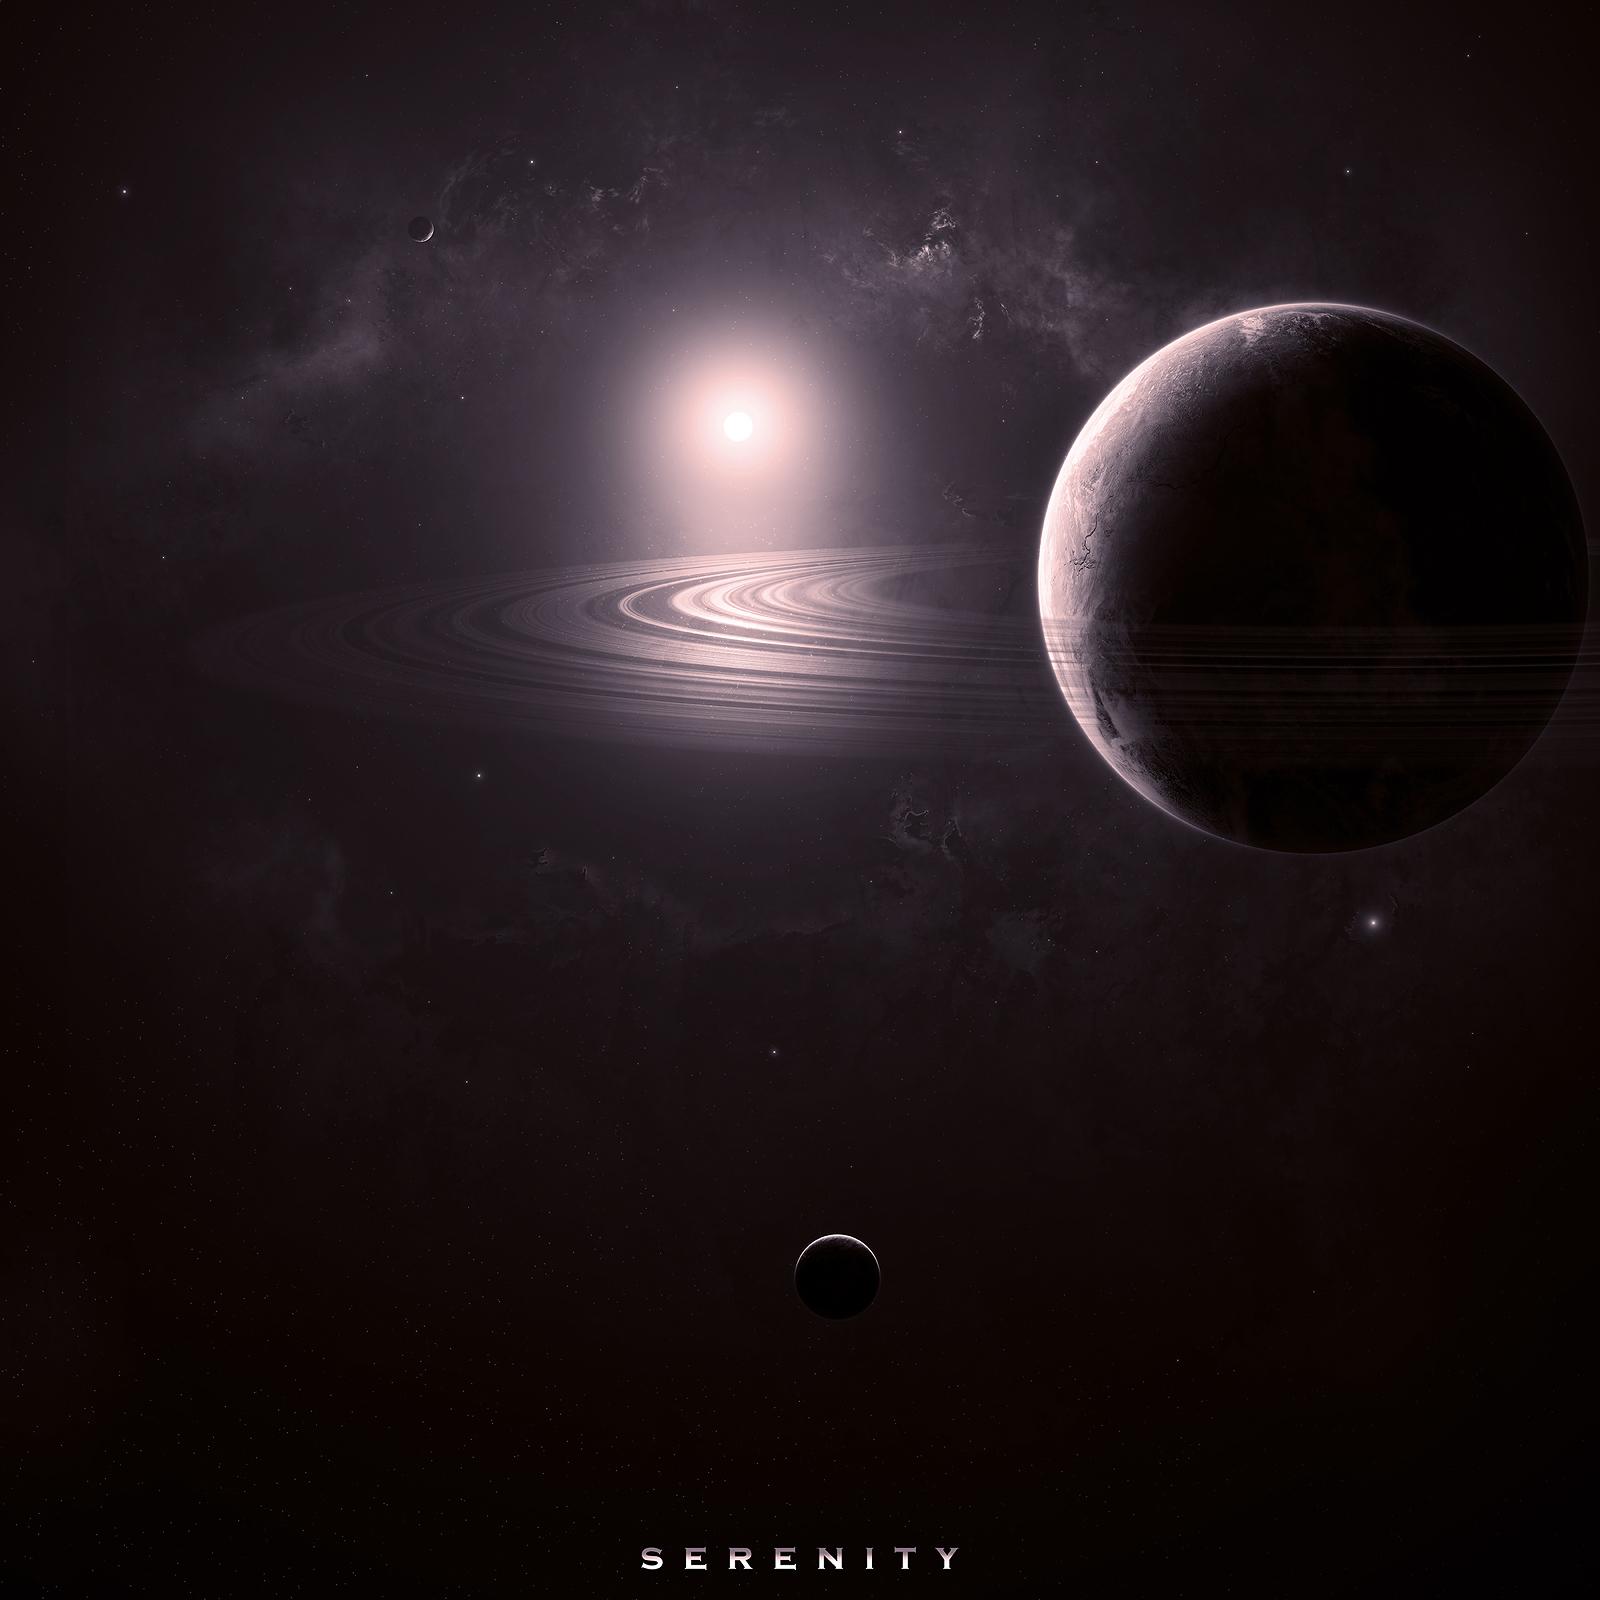 Serenity by Nuukeer